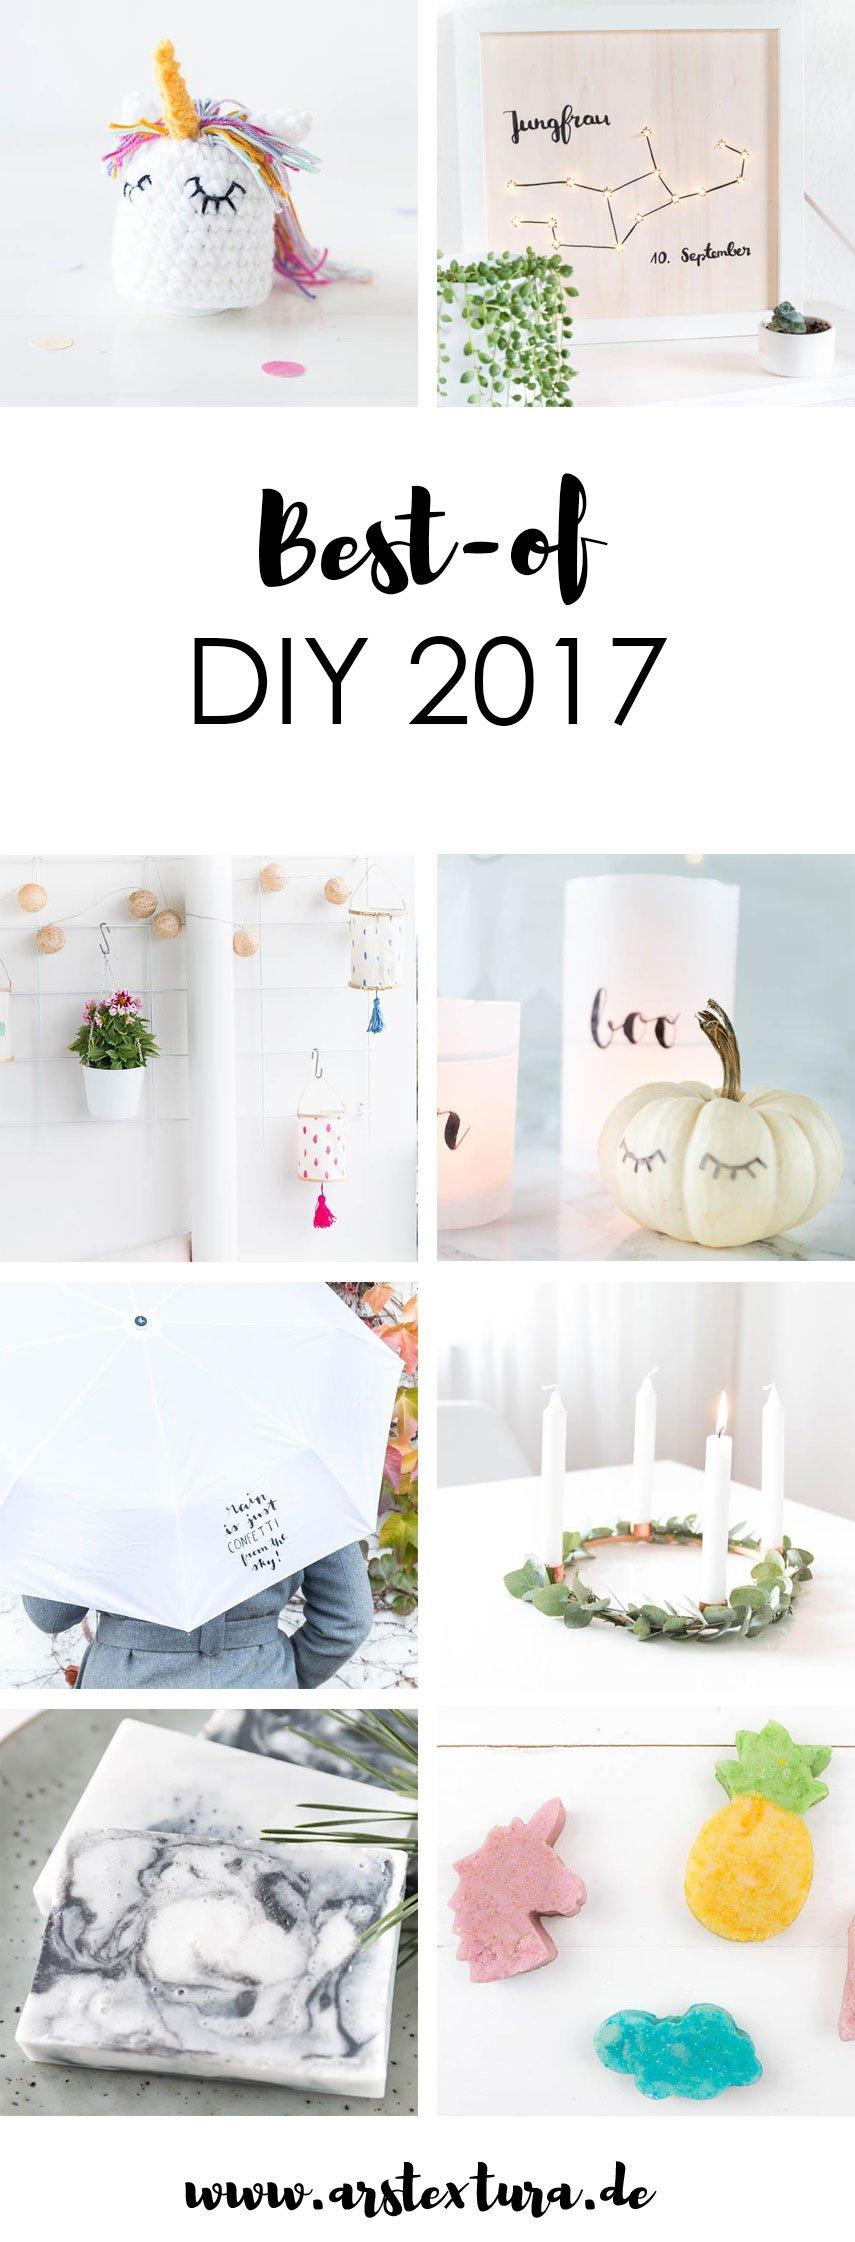 Best-of DIY 2017 - die schönsten DIY Ideen, DIY Geschenke und DIY Dekoration aus dem letzen Jahr. Entdeckt hier schöne Bastelideen und selbstgemachte Geschenke | ars textura - DIY Blog